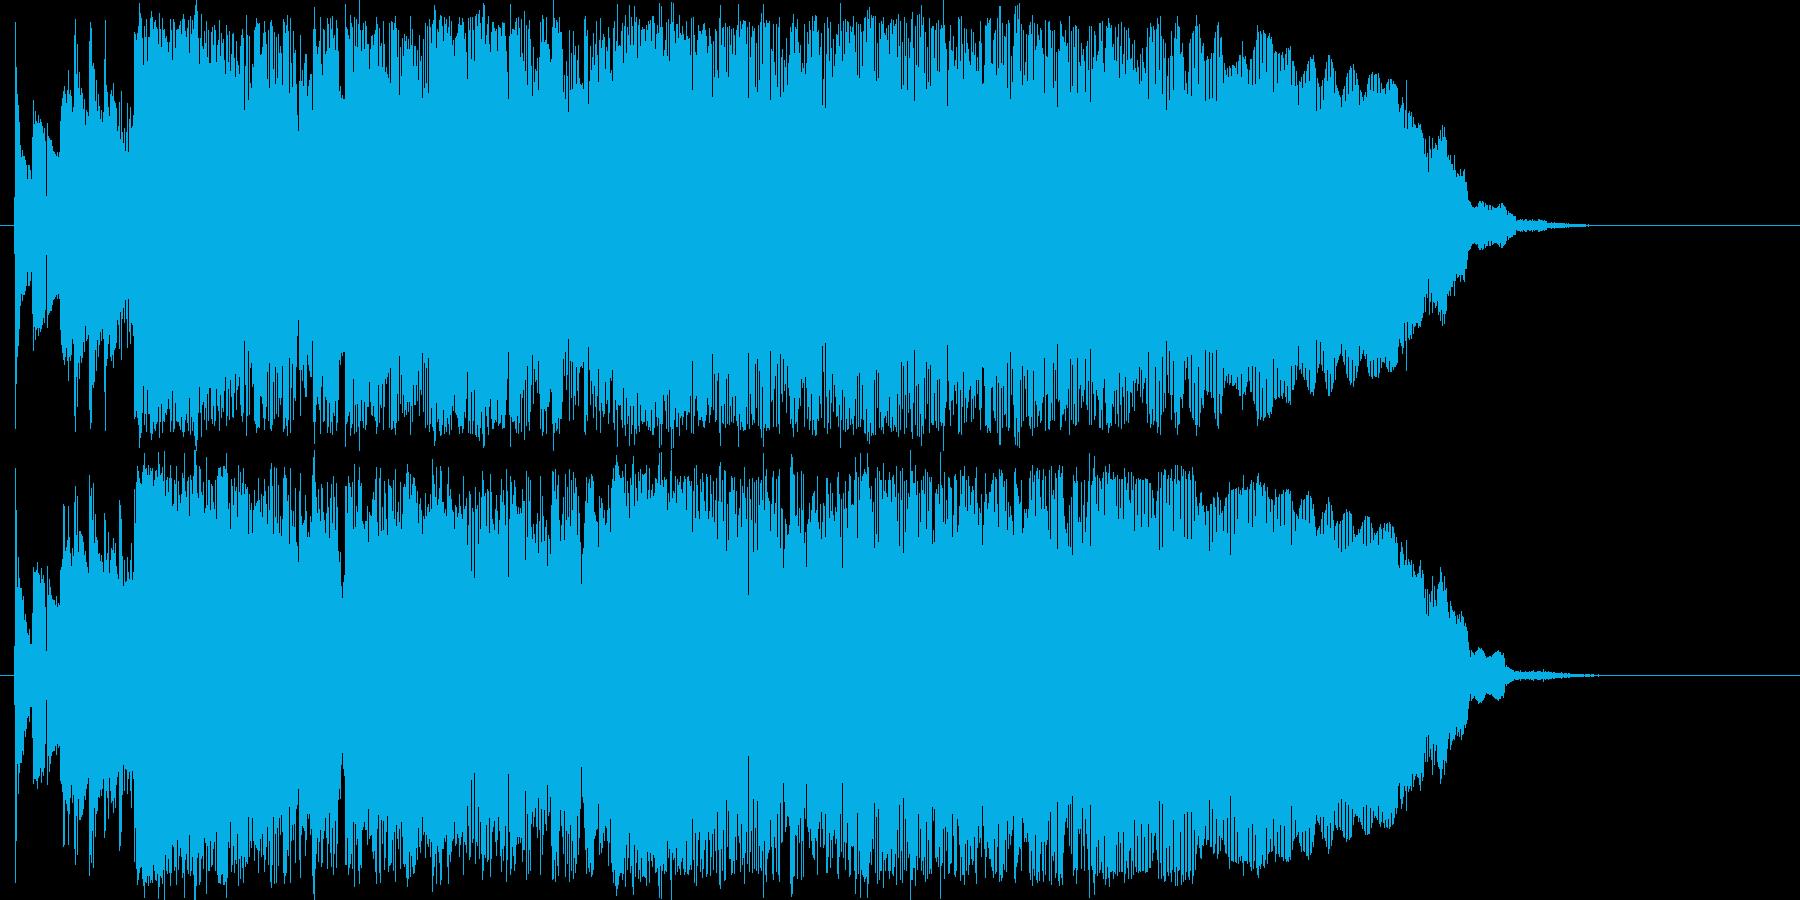 ハミングの入ったさわやかなジングルの再生済みの波形